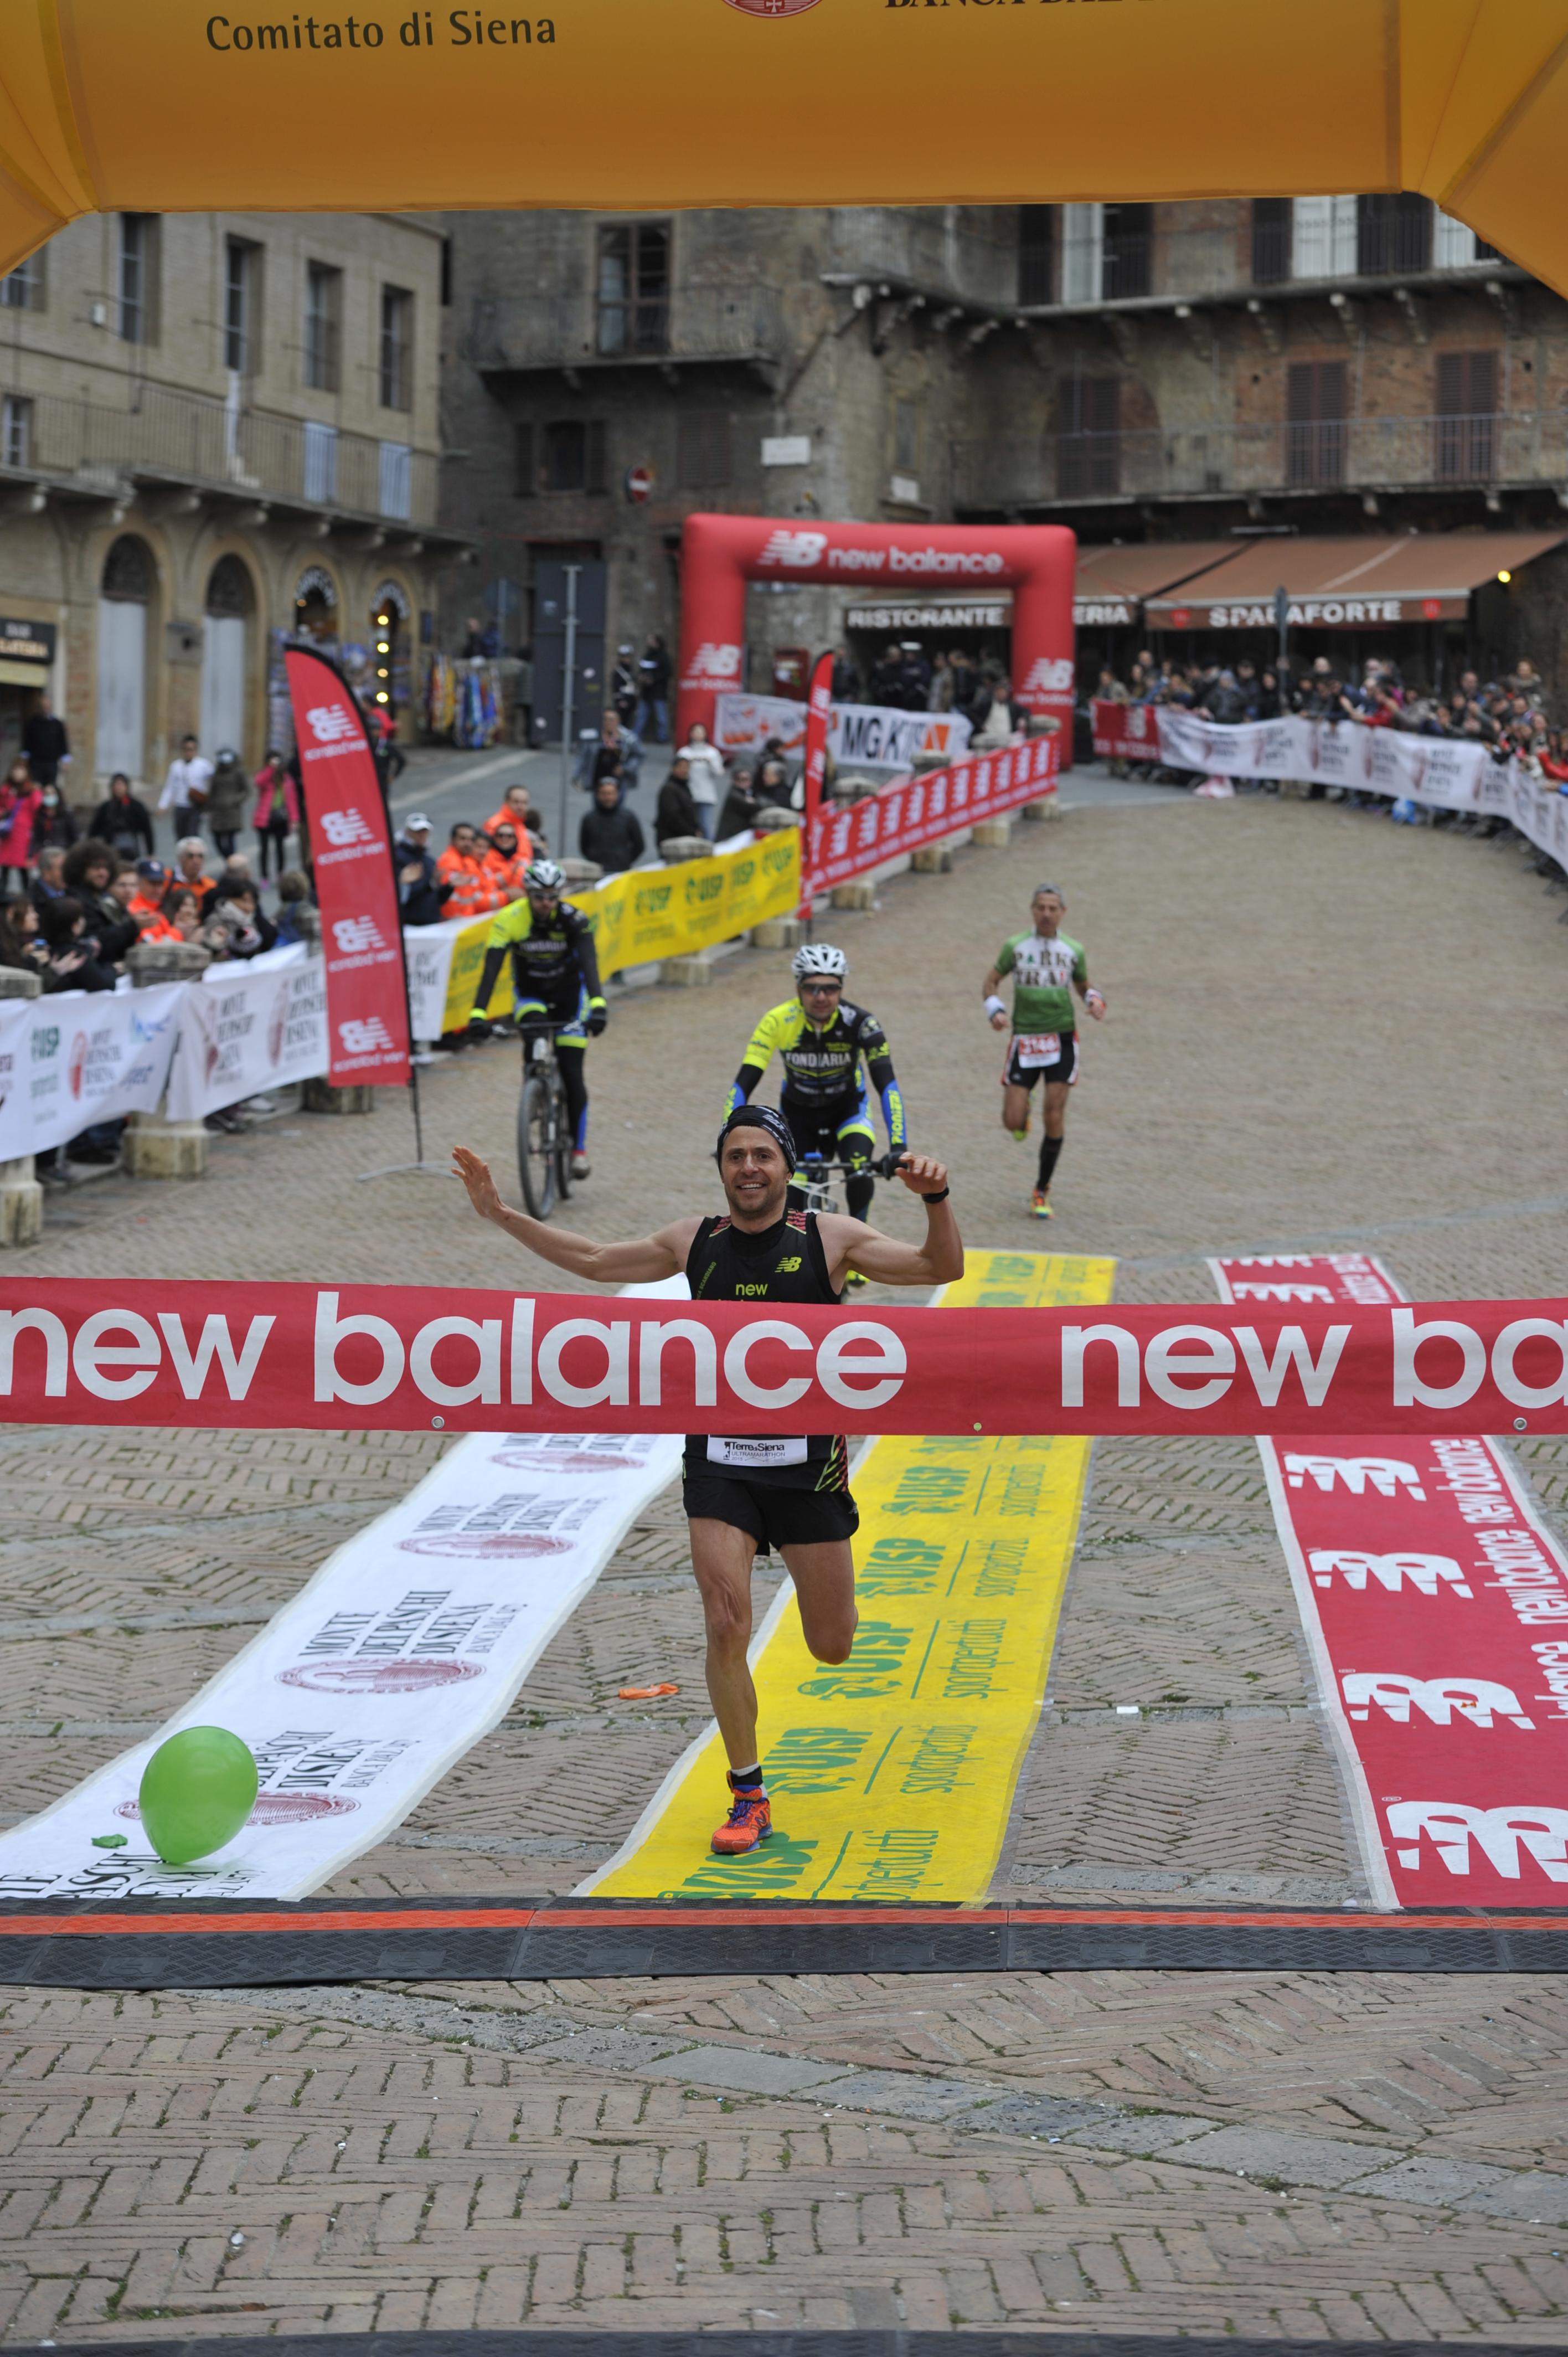 Ultramarathon News Podcasts: Ultramarathon, In 1.300 Hanno Partecipato Al Grande Evento